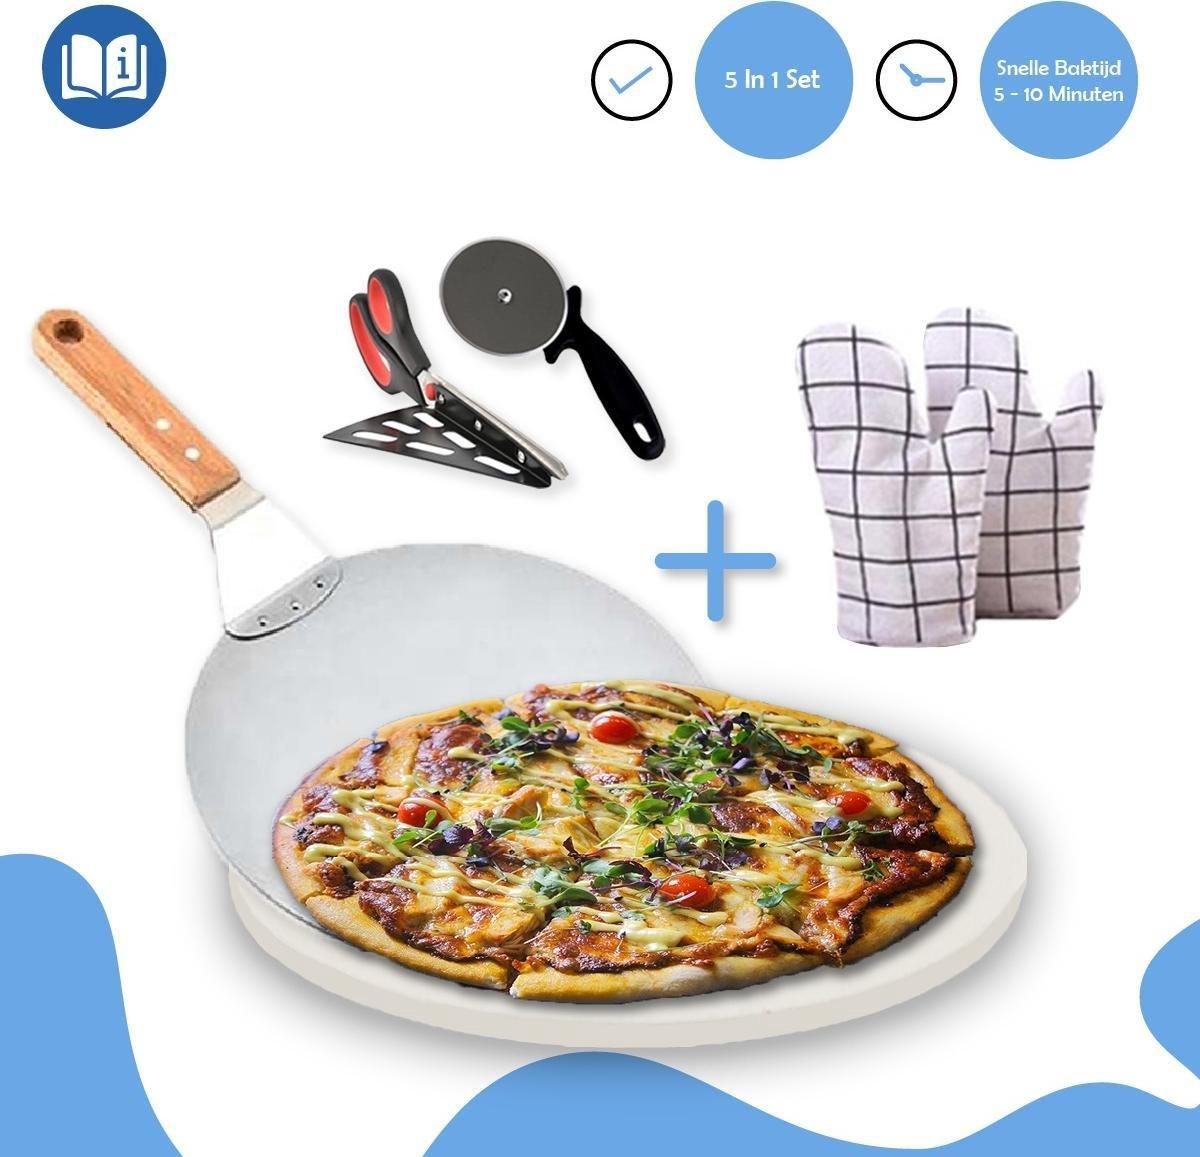 Fastella 5-in-1 Pizza Set - Pizzasteen BBQ - Barbecue & Oven - Ø 40 cm - 800°C - Cordieriet - Wit - Schaar, Mes & Schep - Incl. Ovenwanten